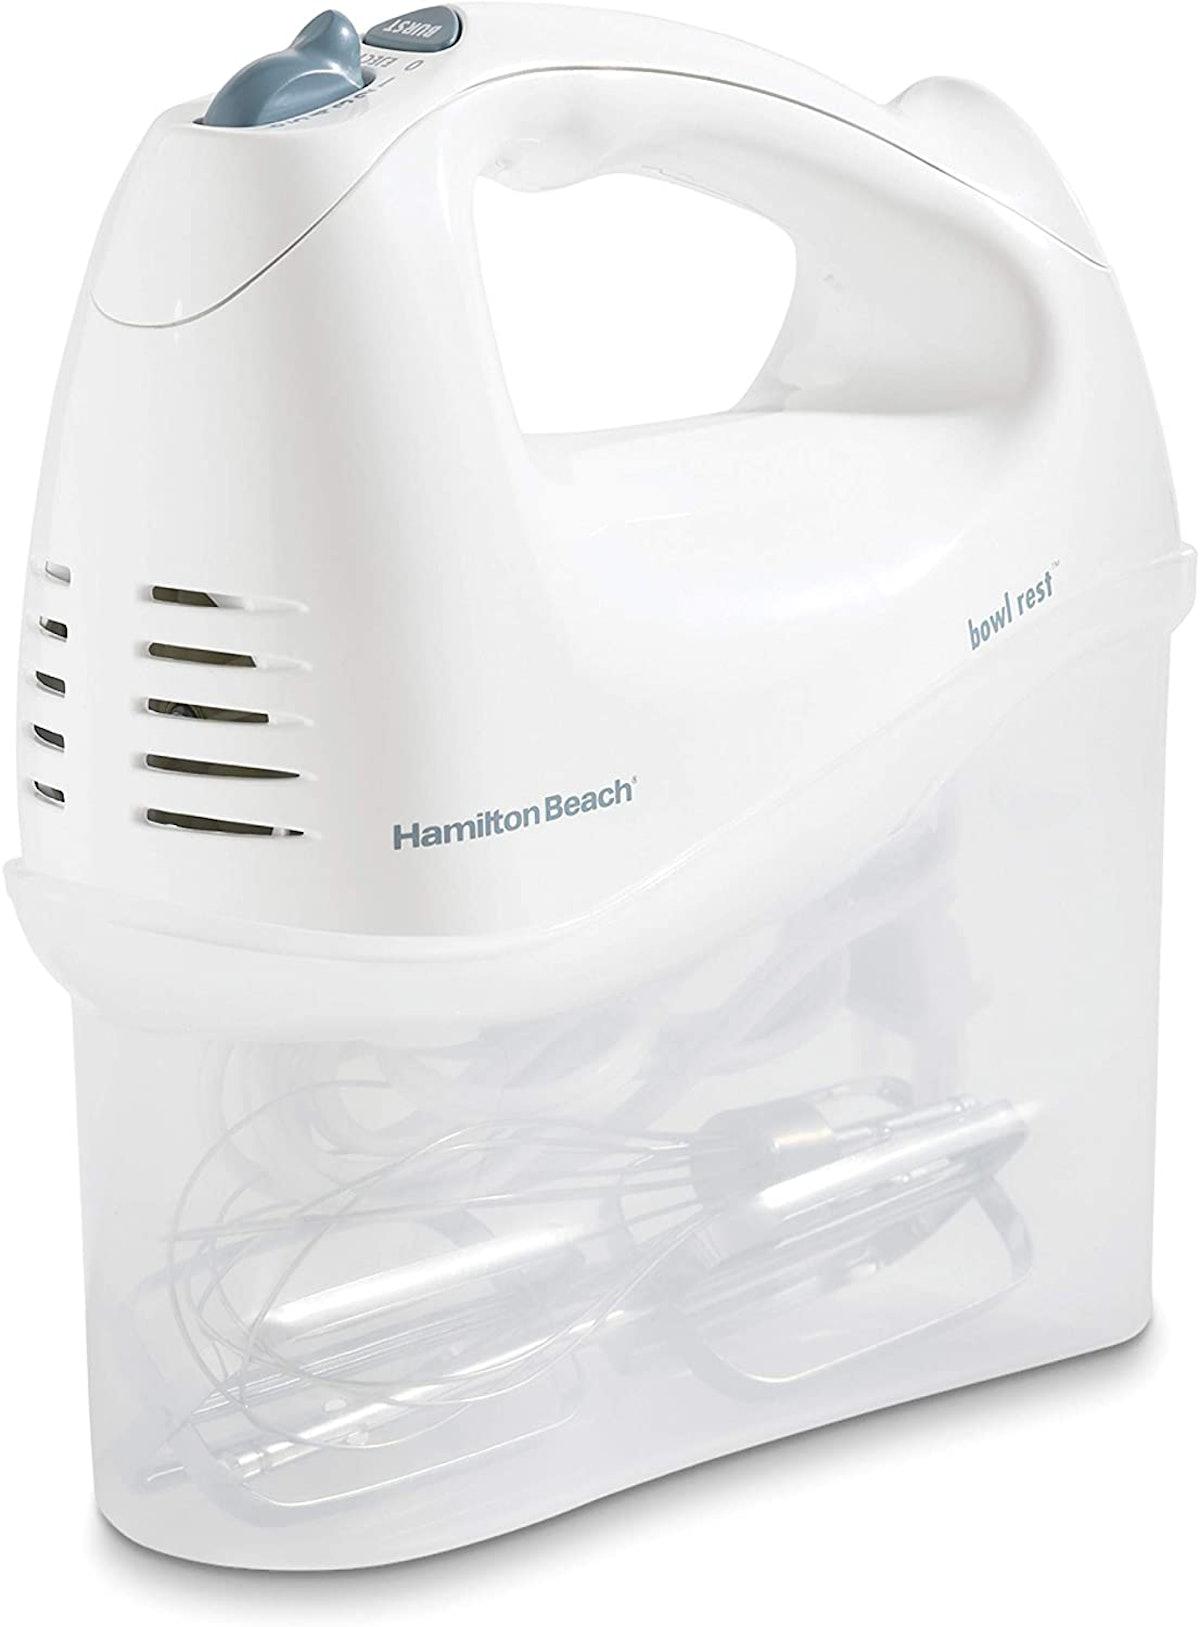 Hamilton Beach Electric Hand Mixer